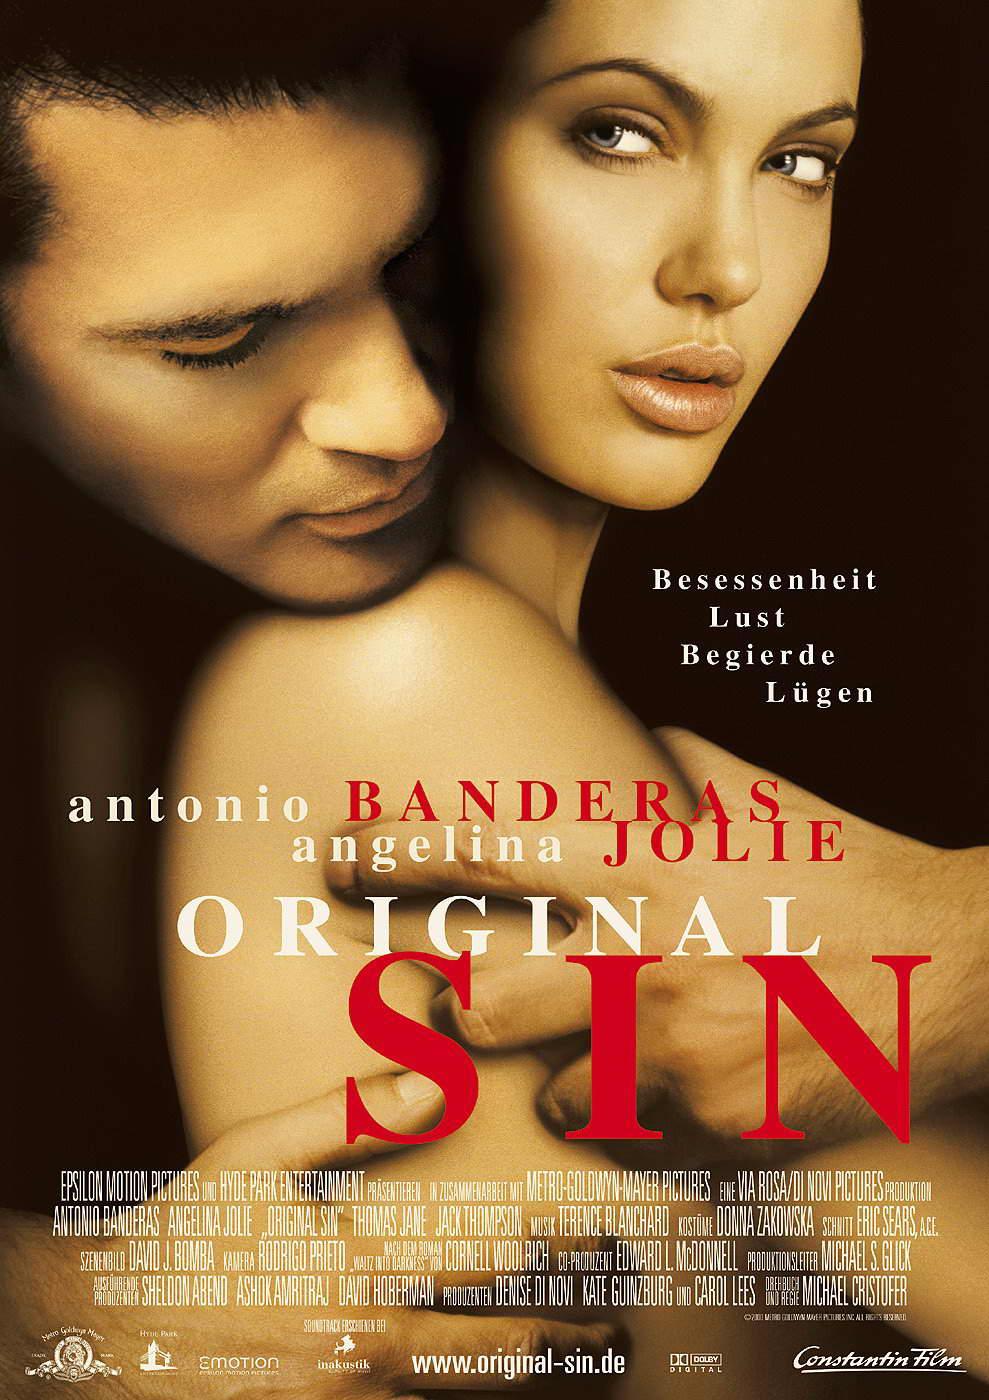 Original sin movie pictures